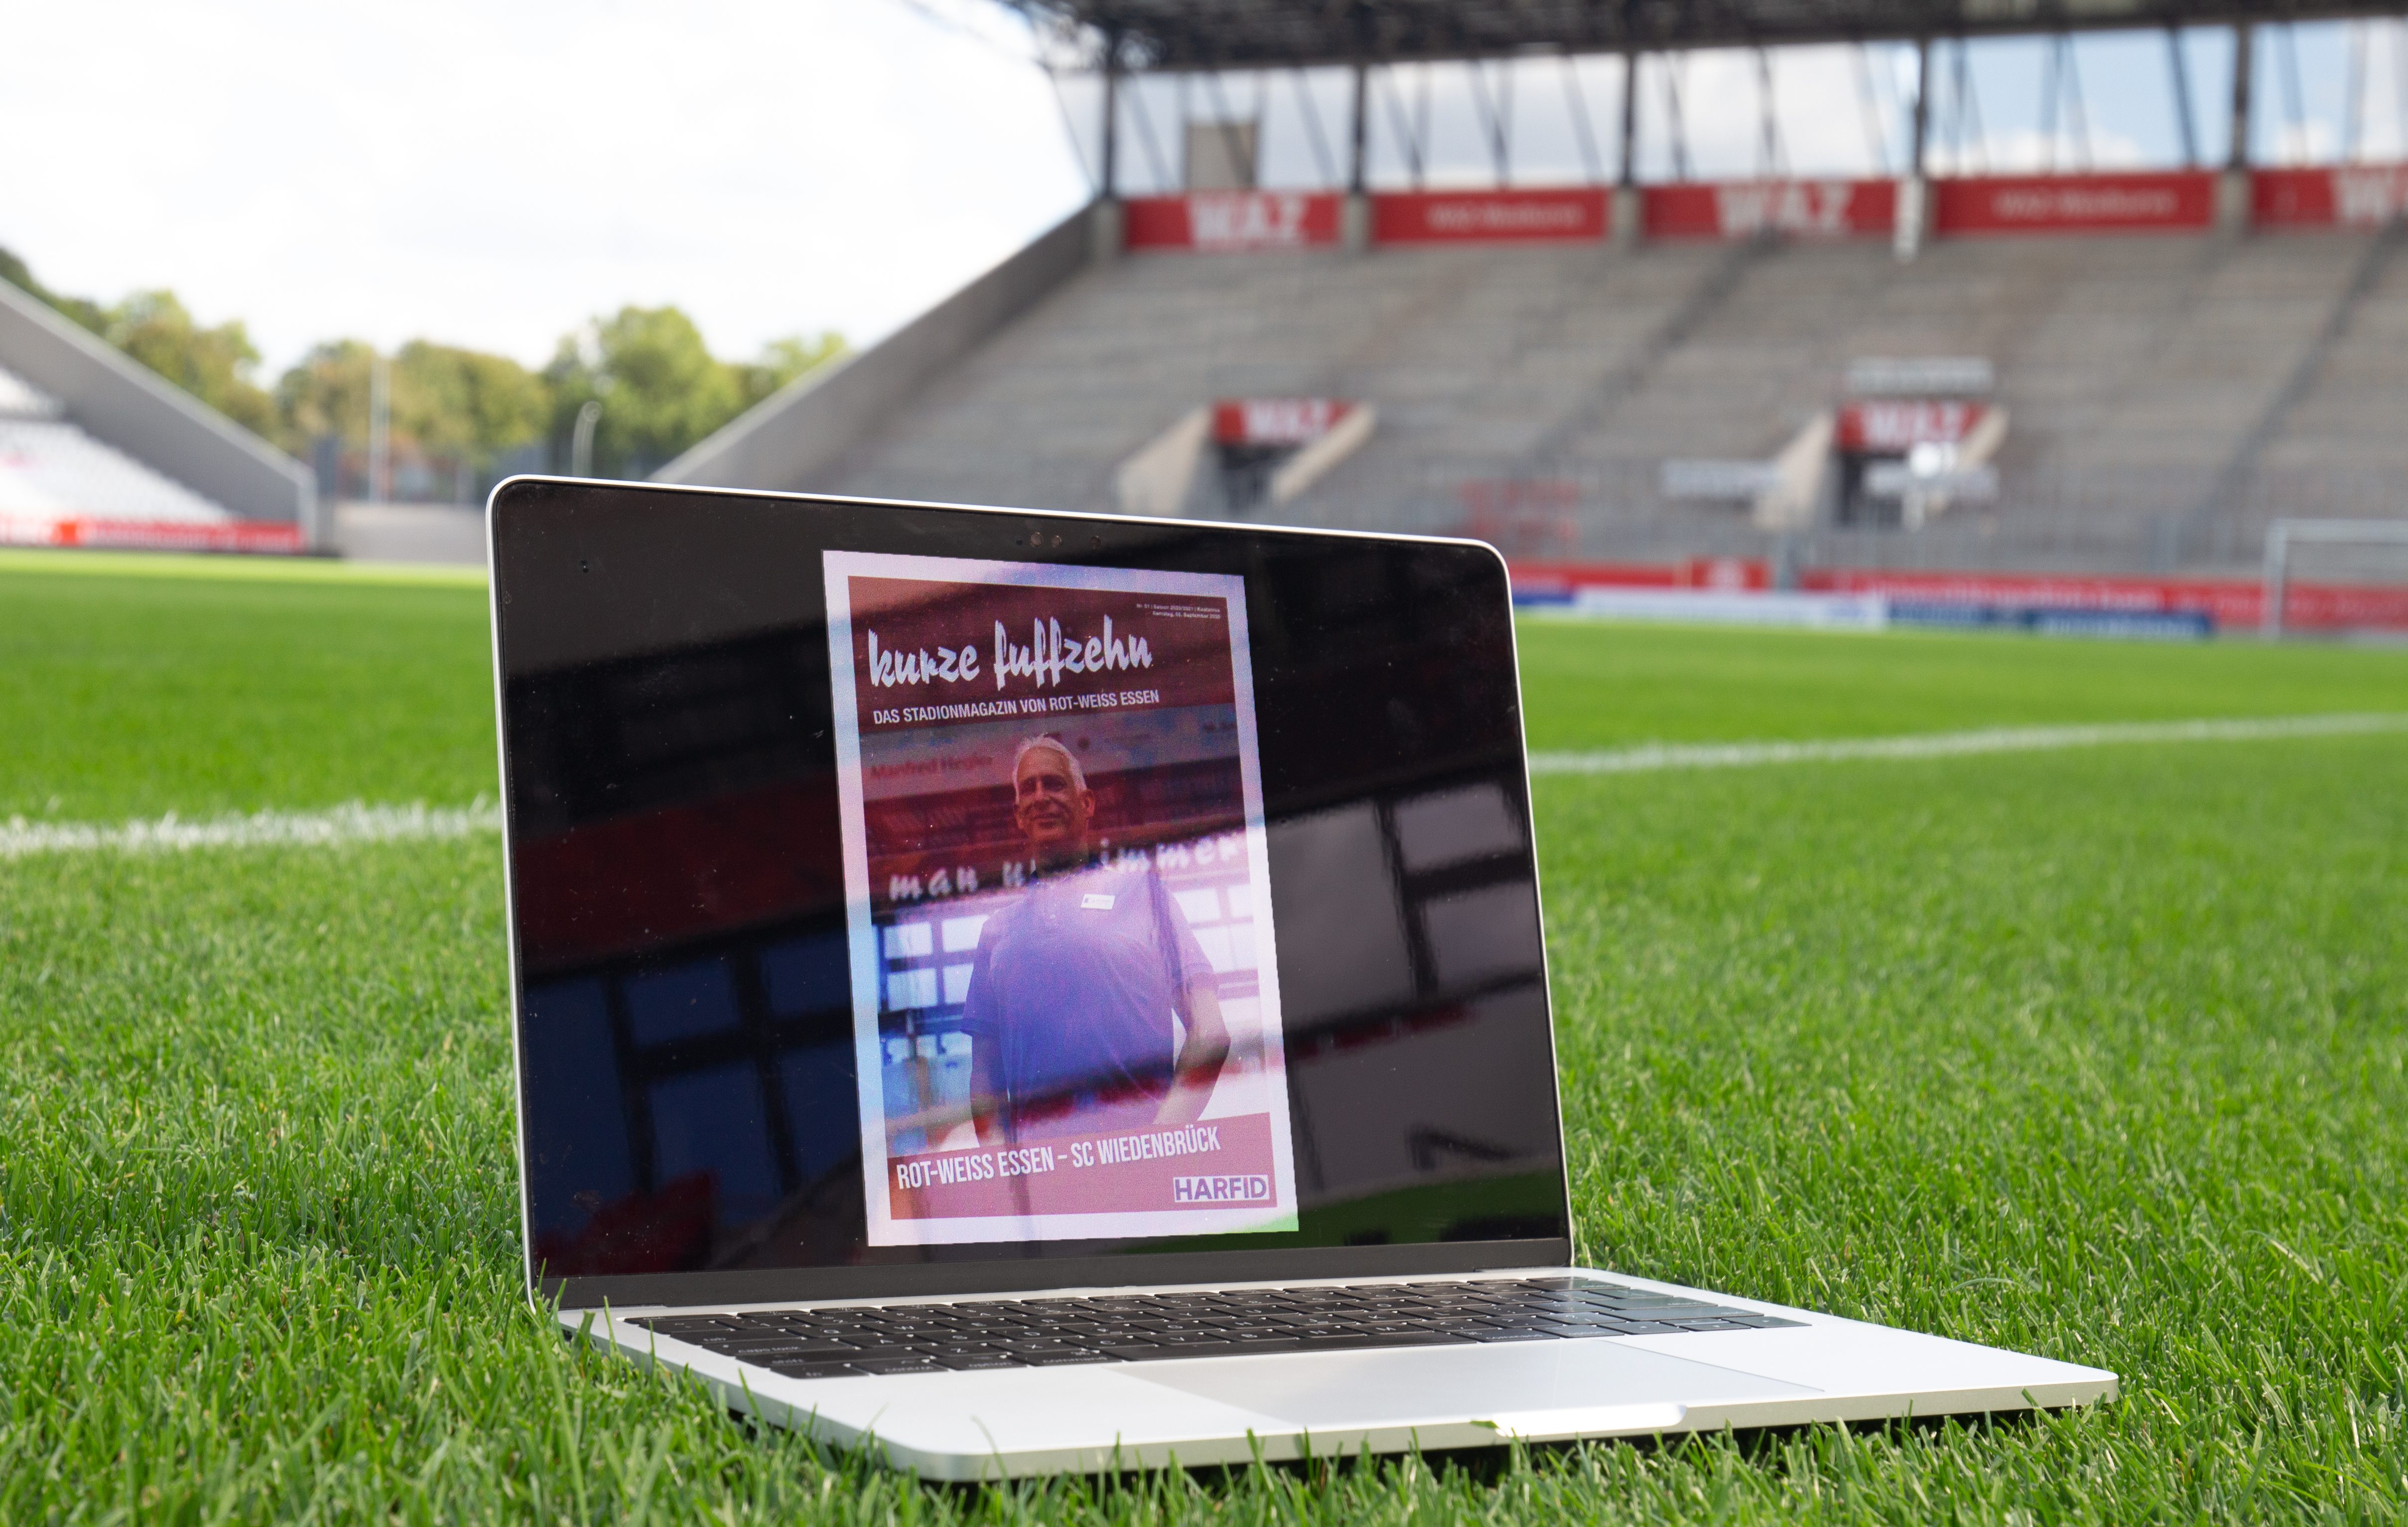 """Das rot-weisse Stadionmagazin """"Kurze Fuffzehn"""" erscheint zum Pokalduell gegen Bielefeld in digitaler Form."""